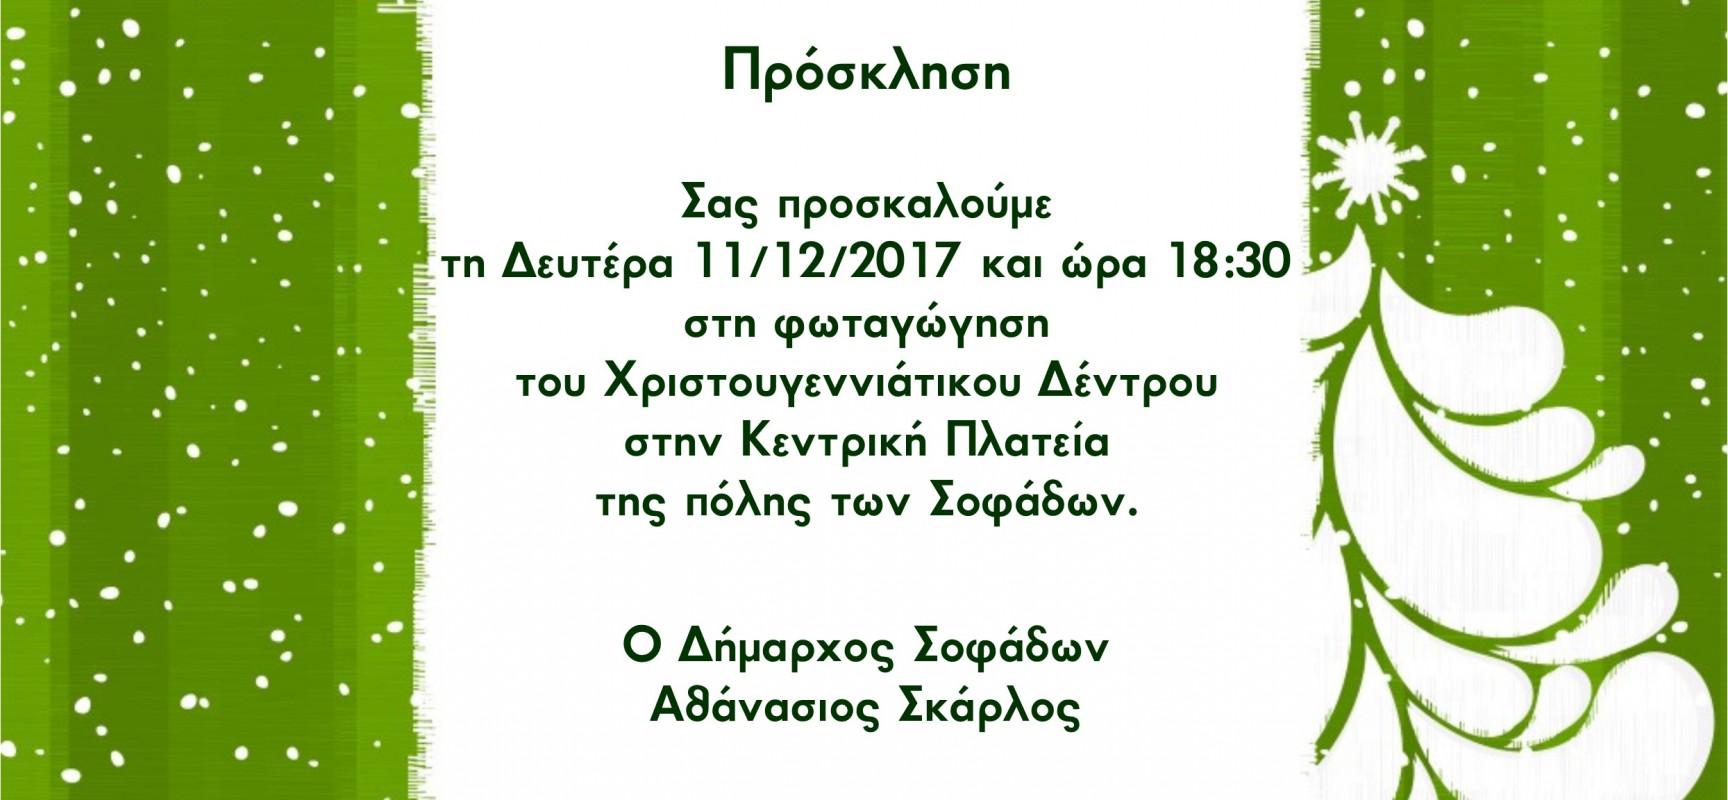 Φωταγώγηση Χριστουγεννιάτικου Δέντρου στους Σοφάδες – 11/12/2017